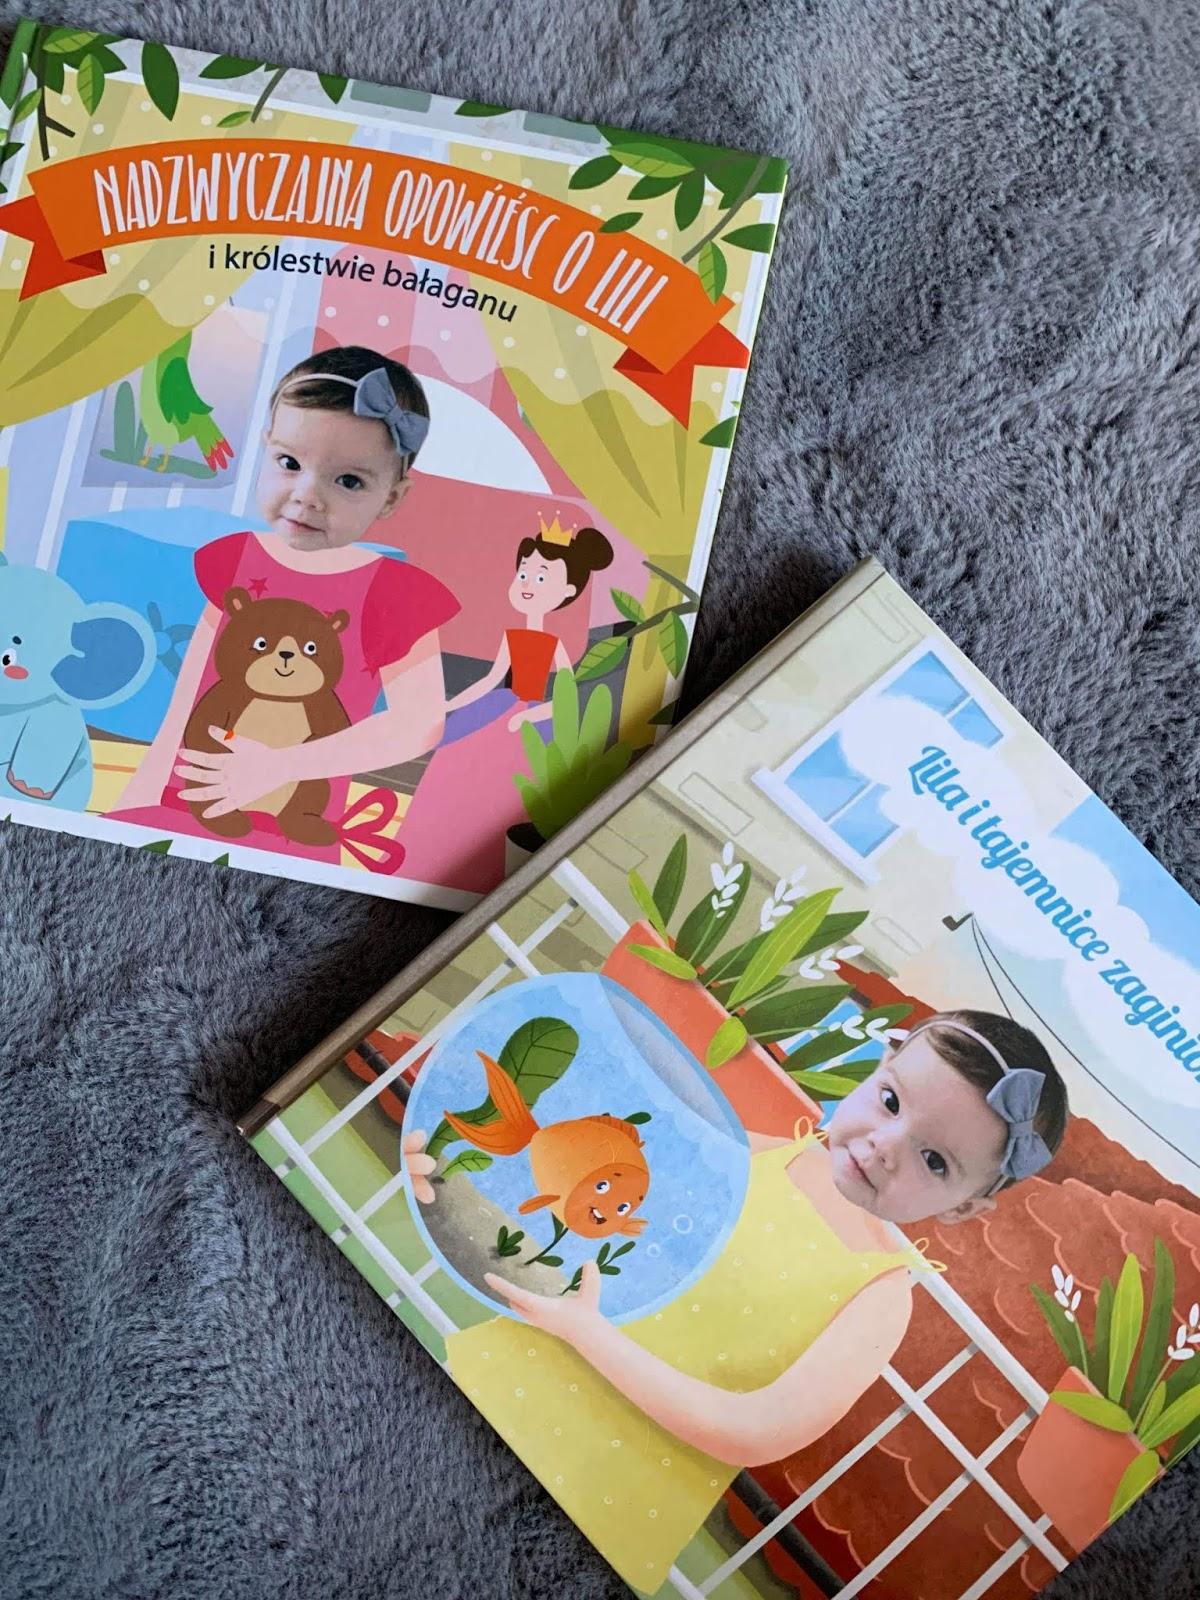 bajaija.pl - Personalizowane bajki dla dzieci